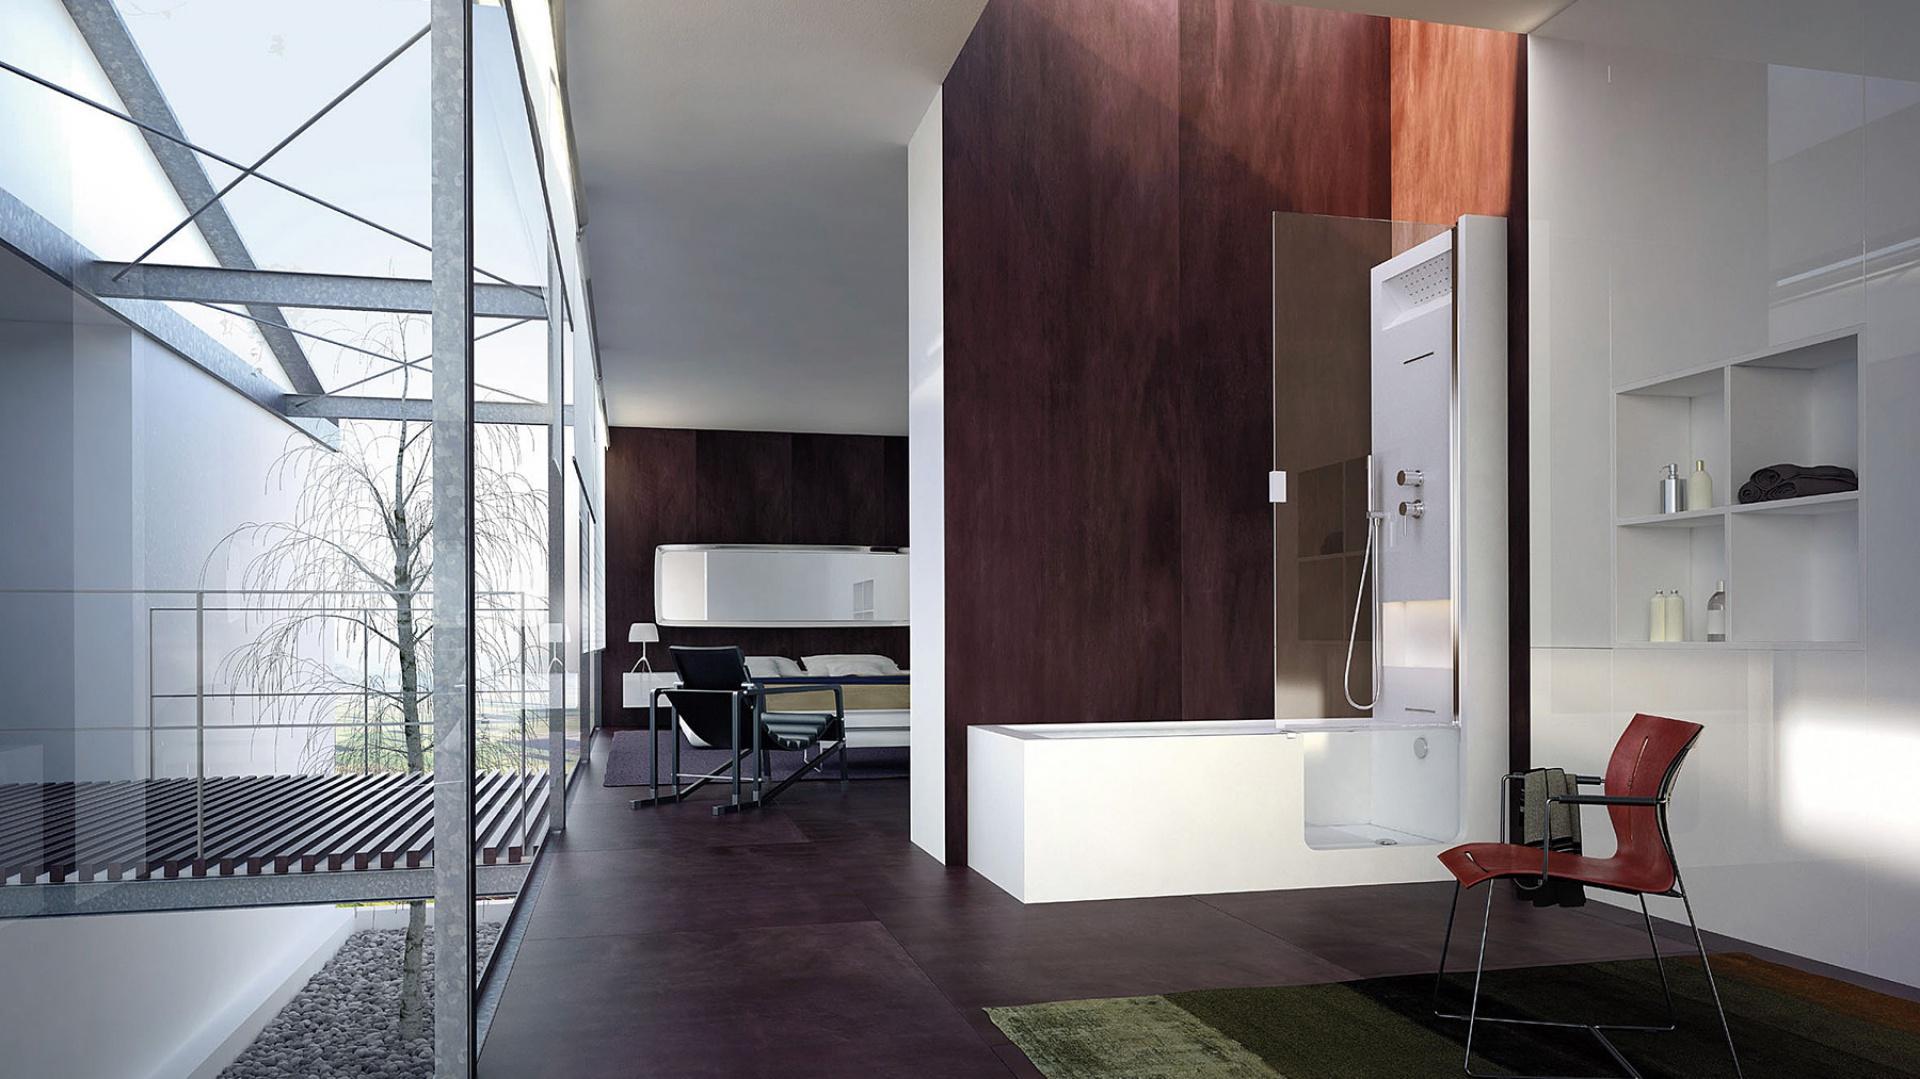 Elle Door – typu kombi; całość z materiału Hardlite; wypełnienie drzwi ze szkła (gr. 8 mm), otwieranie w zakresie 180°; wymiary na zamówienie: szer. 70-75 cm, dł. 160-180 cm; opcjonalnie: bateria termostatyczna, kaskada górna i dolna, zestaw natryskowy, chromoterapia, system  masażu powietrznego; cena: ok. 48.050 zł, Glass.